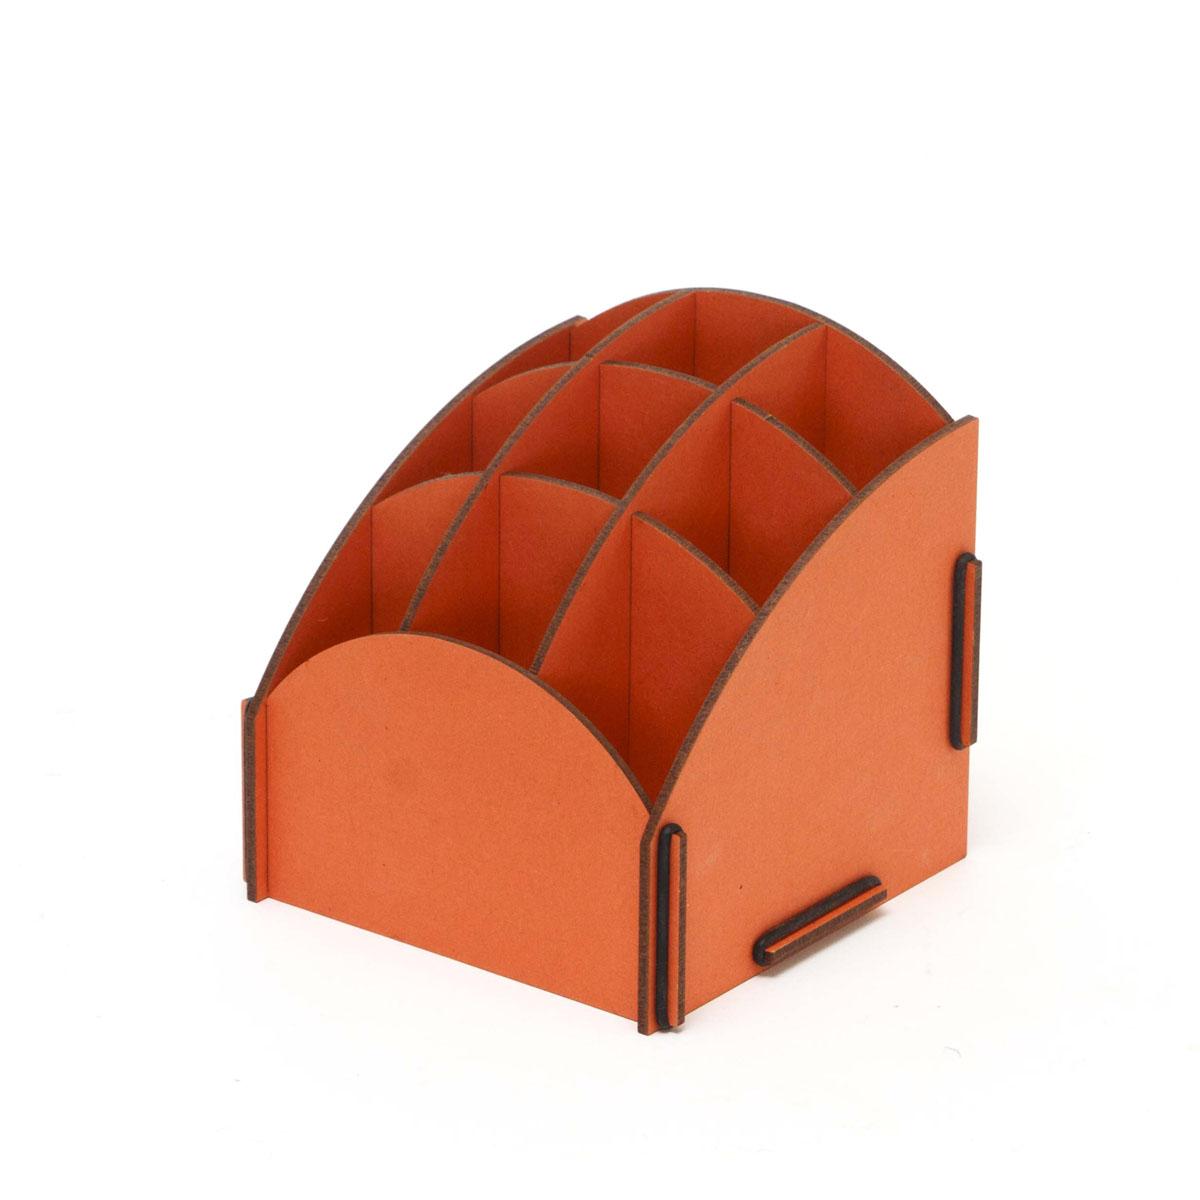 Органайзер настольный Homsu, 9 секций, цвет: оранжевый, 13,8 x 13,8 x 14 смS03301004Настольный органайзер Homsu выполнен из МДФ и легко собирается из съемных частей. Изделие имеет 9 отделений для хранения документов, канцелярских предметов и всяких мелочей. Органайзер просто незаменим на рабочем столе, он вместителен и не занимает много места. Оригинальный дизайн дополнит интерьер дома и разбавит цвет в скучном сером офисе. Размер: 13,8 х 13,8 х 14 см.